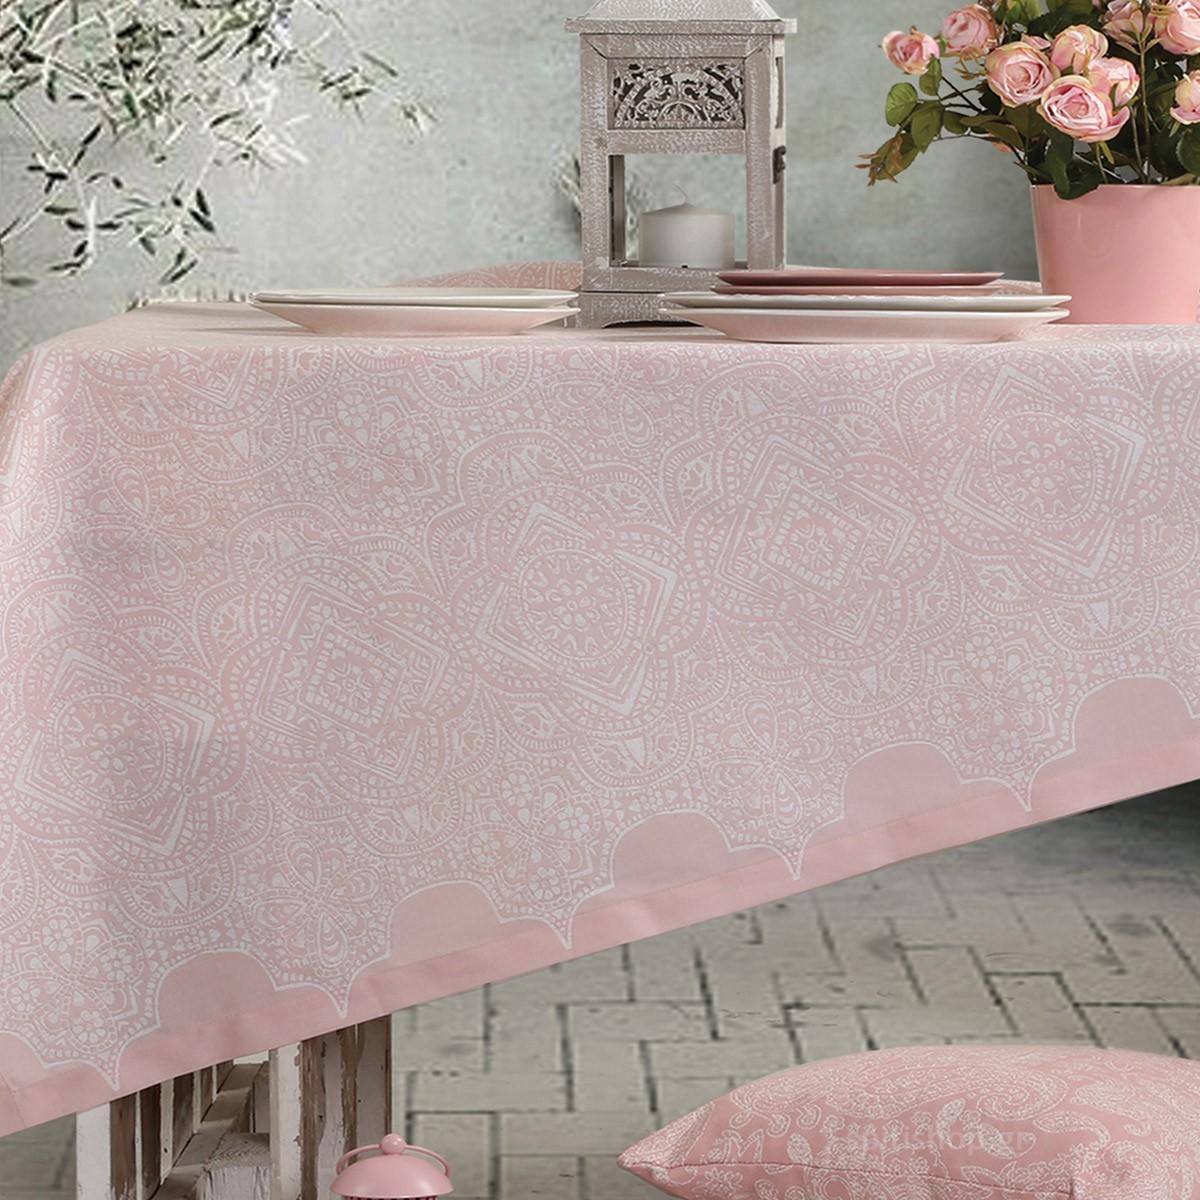 Τραπεζομάντηλο (140×240) Nef-Nef Henna Pink